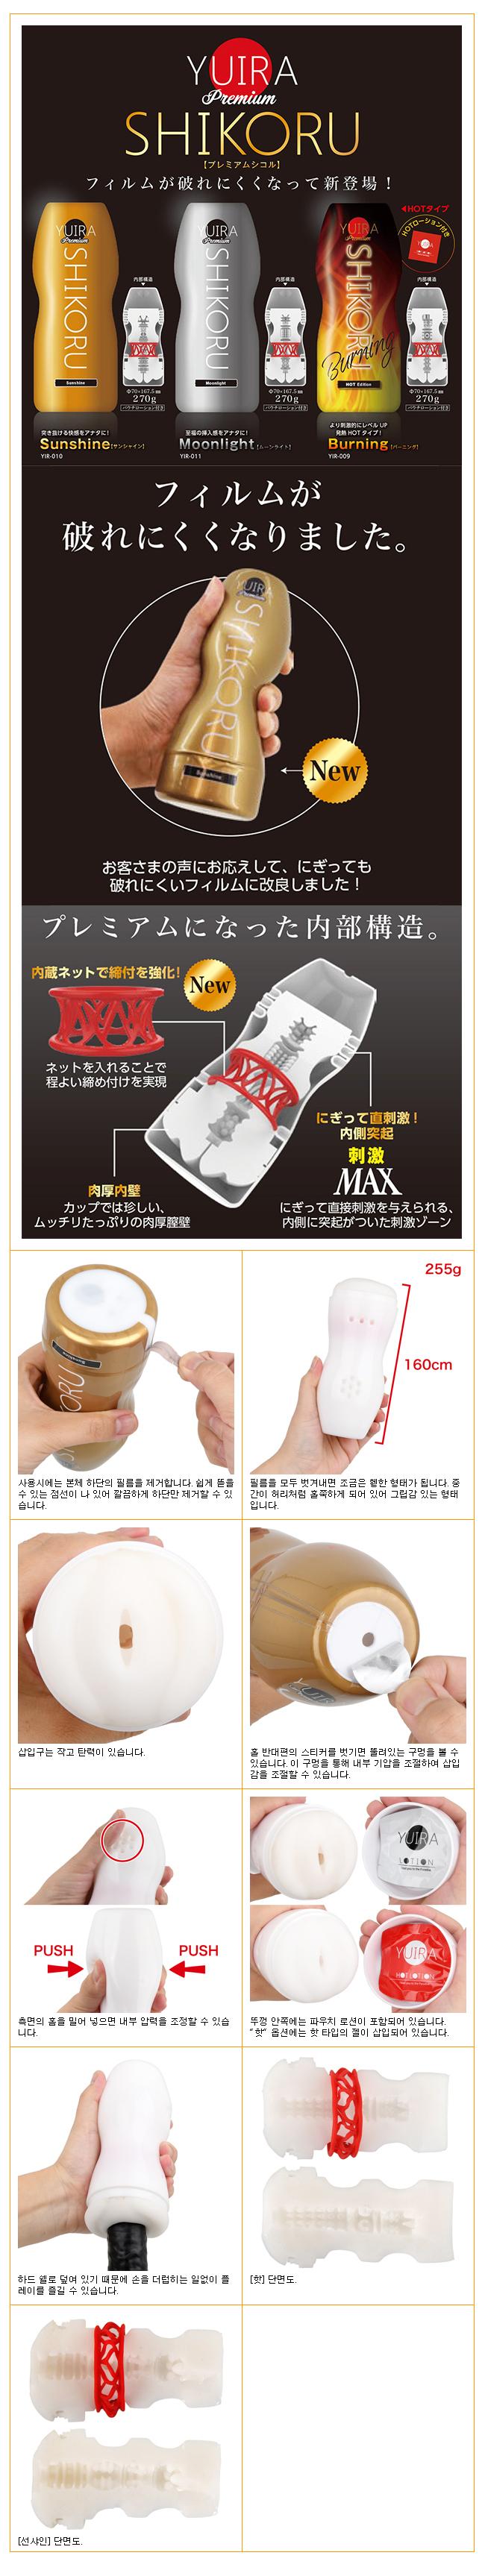 [일본 직수입] 유리아 시코루 프리미엄(YUIRA SHIKORU Premium)